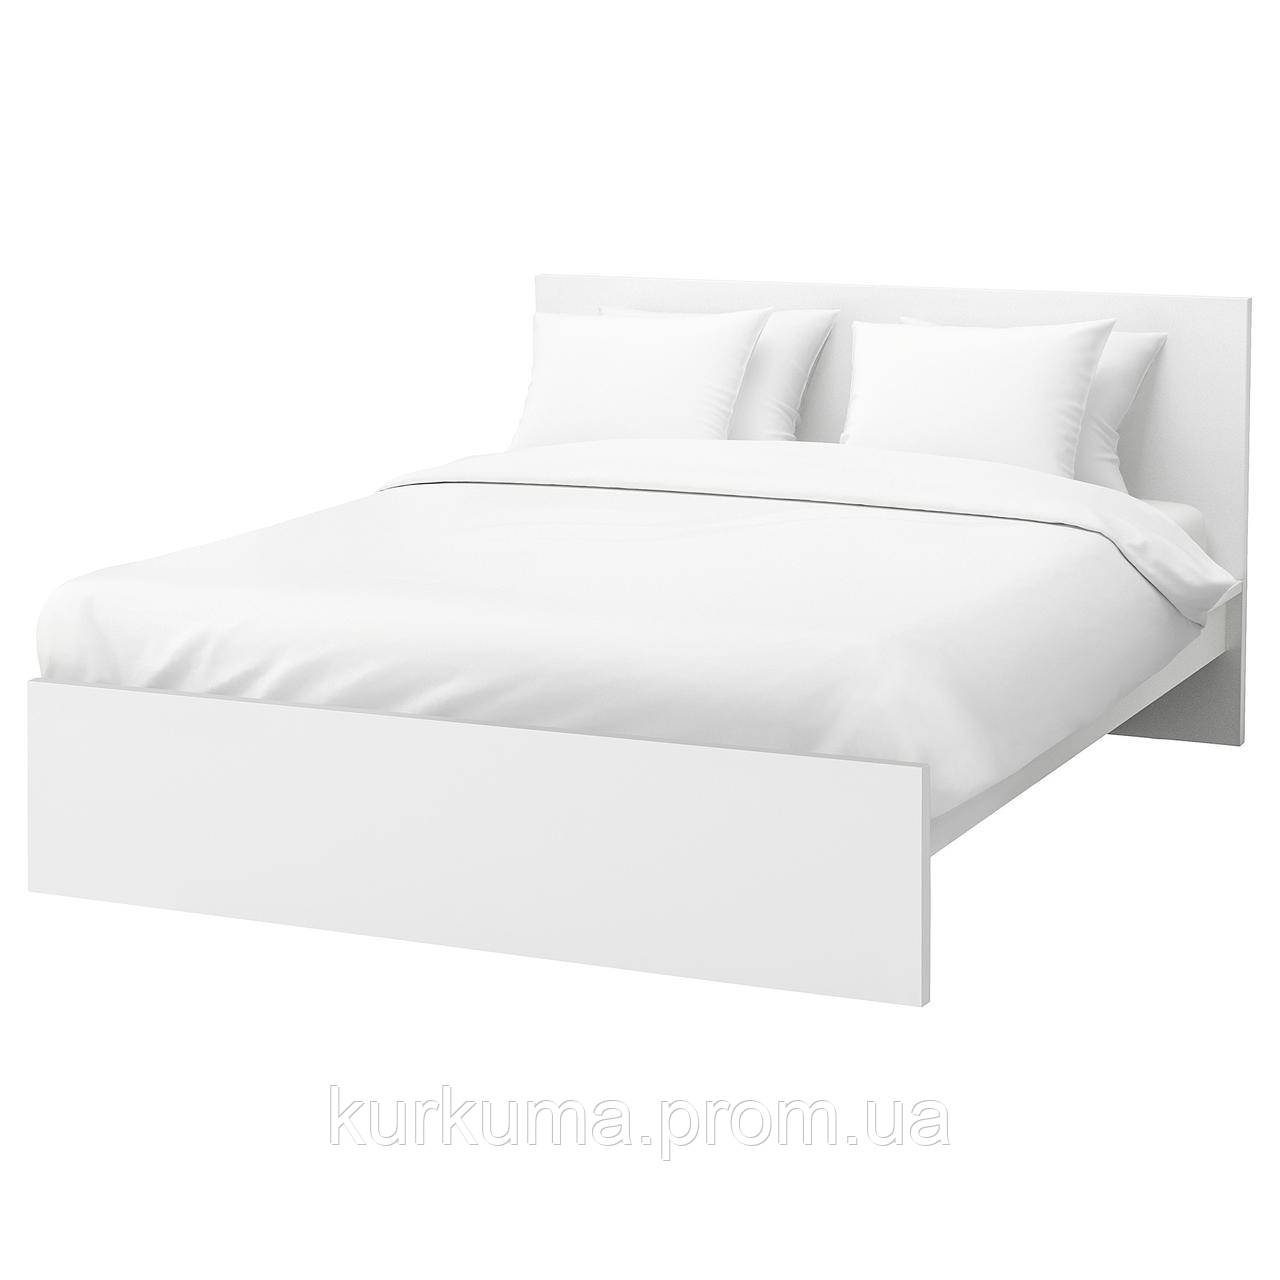 IKEA MALM Кровать высокая, белый, Леирсунд  (590.198.42)